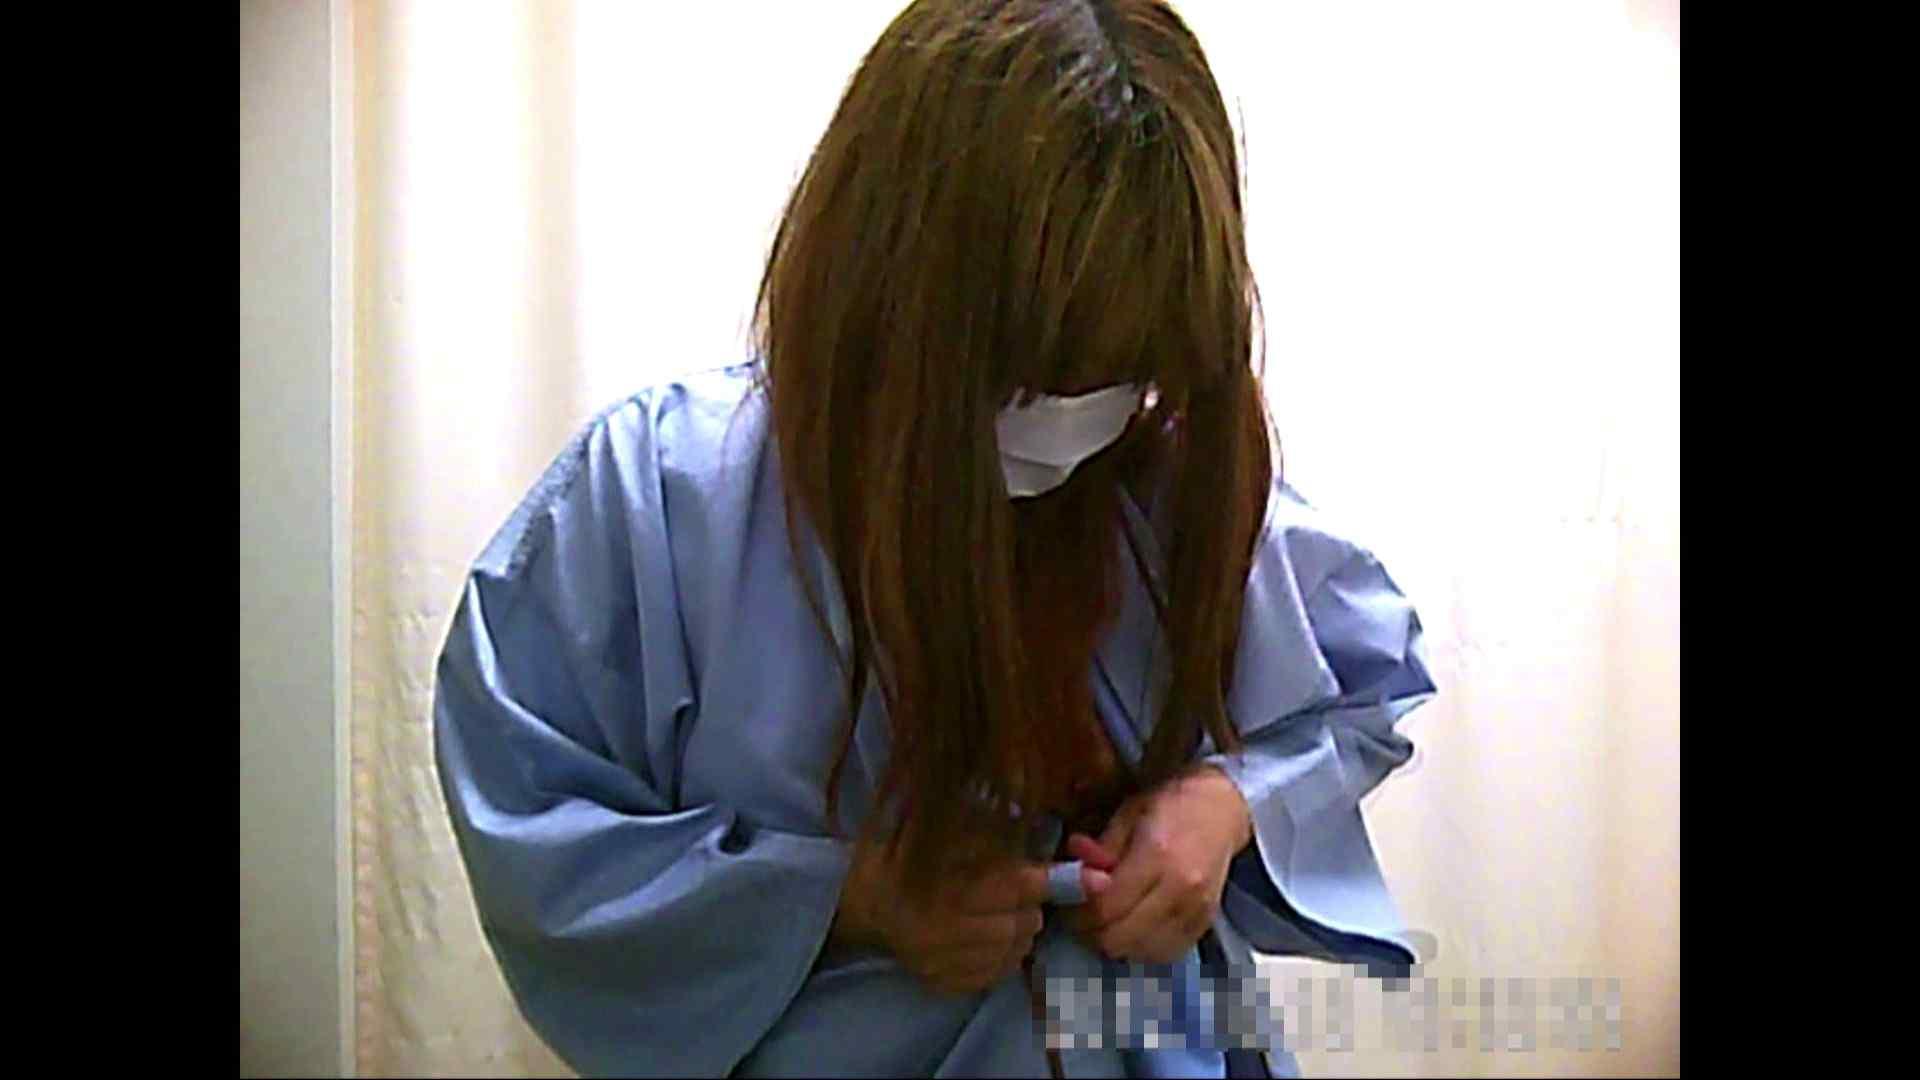 病院おもいっきり着替え! vol.235 おっぱい SEX無修正画像 63画像 4